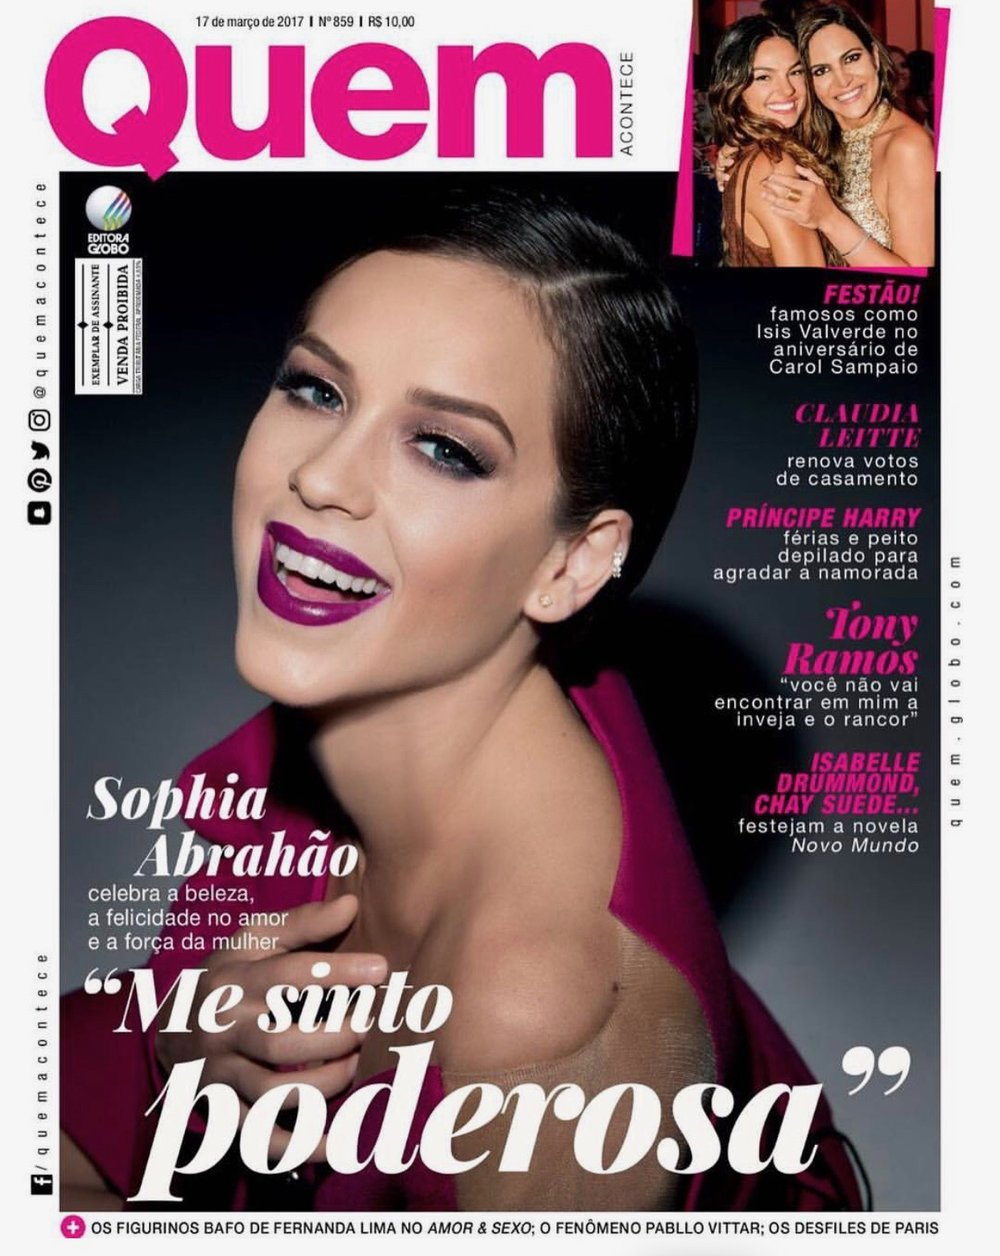 Sophia Abraão - Capa Revista Quem.jpg